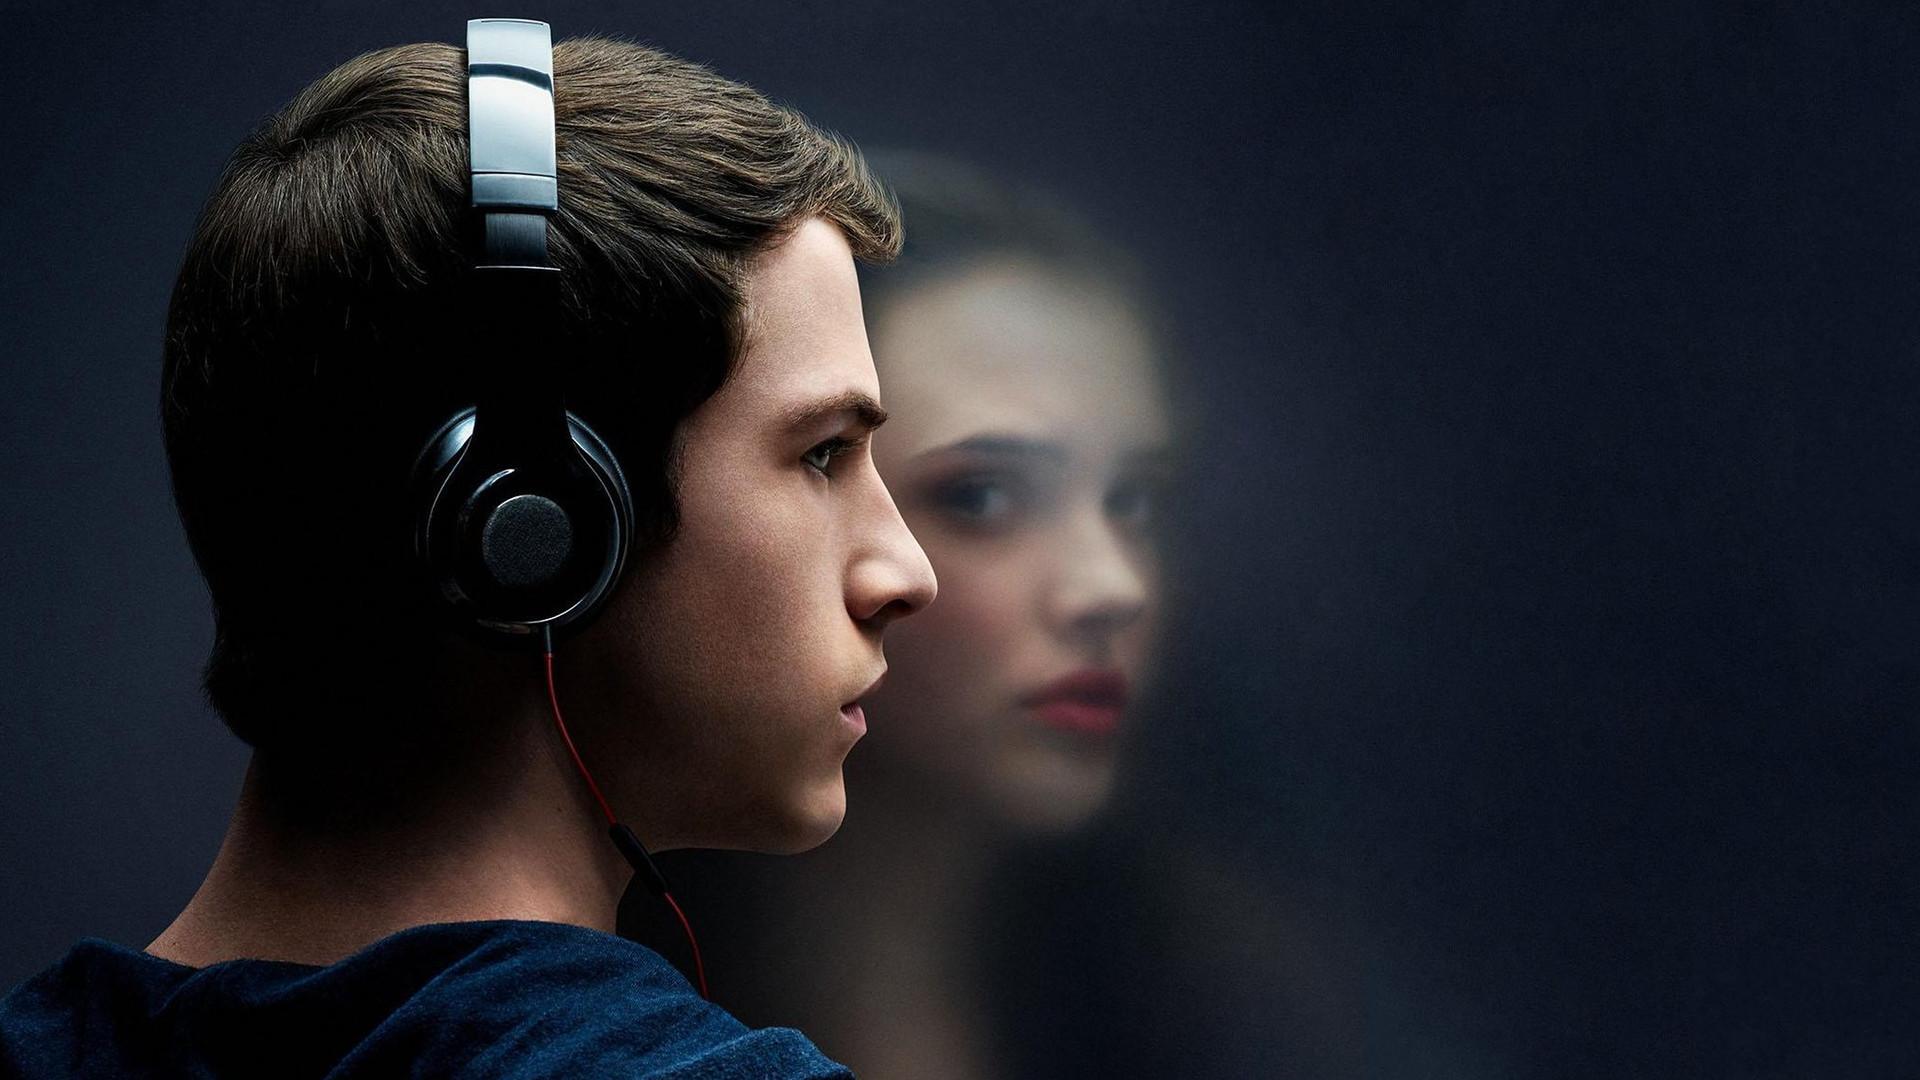 Chłopiec w słuchawkach stoi naprzeciwko rozmazanego odbicia dziewczyny.